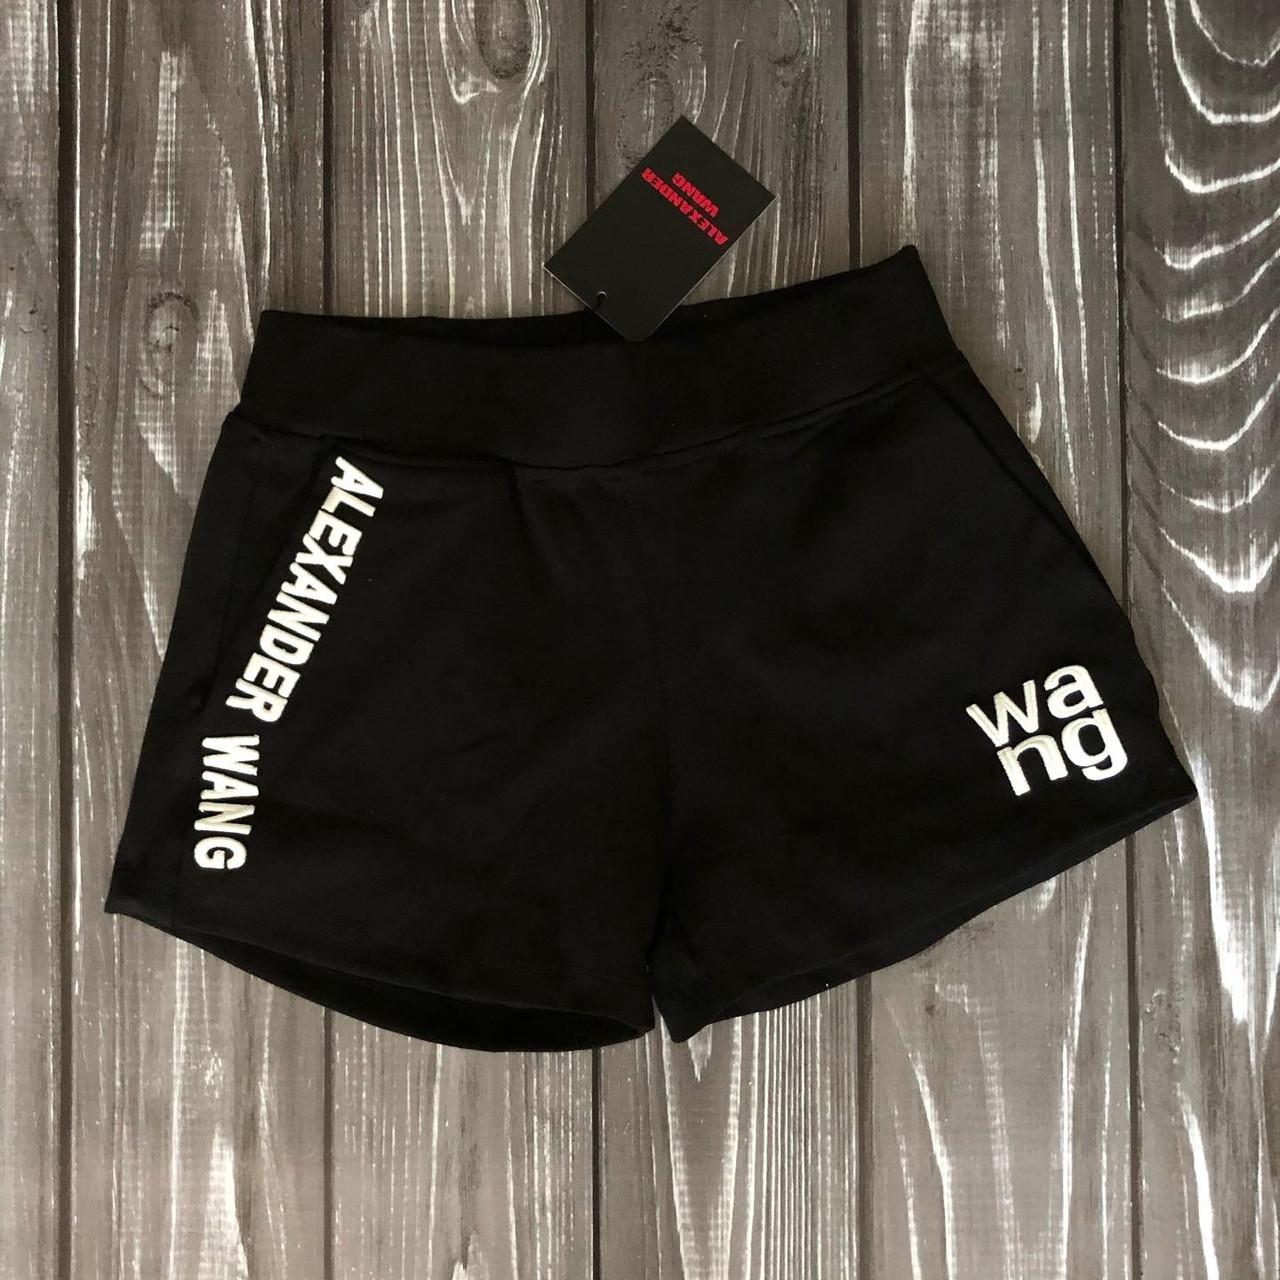 Трикотажные шорты в стиле Alexander Wang Турция люкс Новая коллекция!